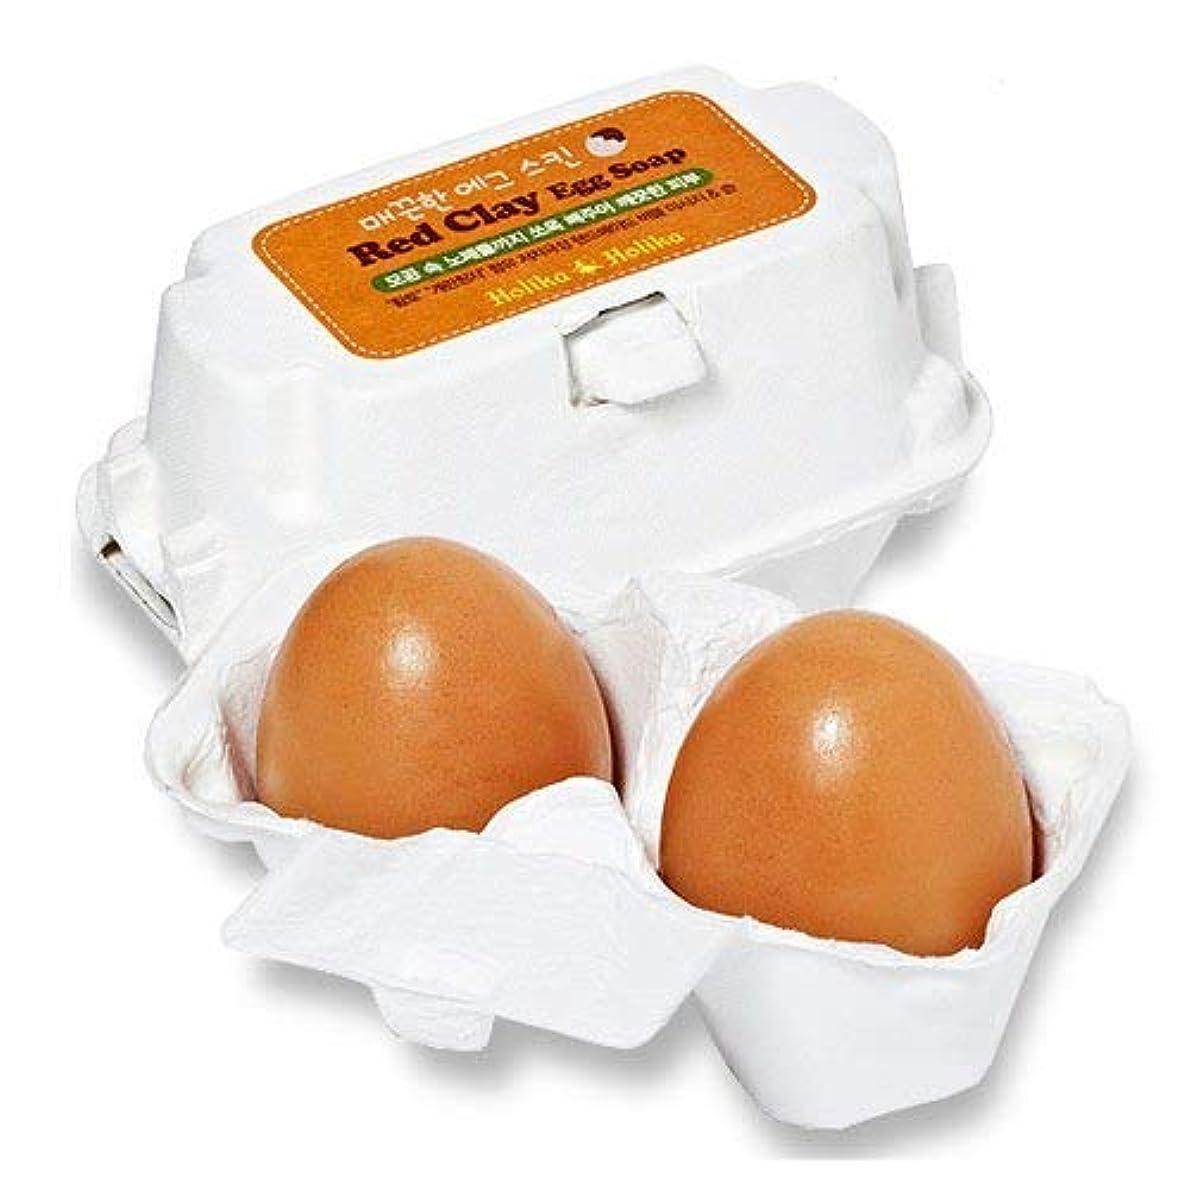 ウサギ引退した誕生日[黄土/Red Clay] Holika Holika Egg Skin Egg Soap ホリカホリカ エッグスキン エッグソープ (50g*2個) [並行輸入品]